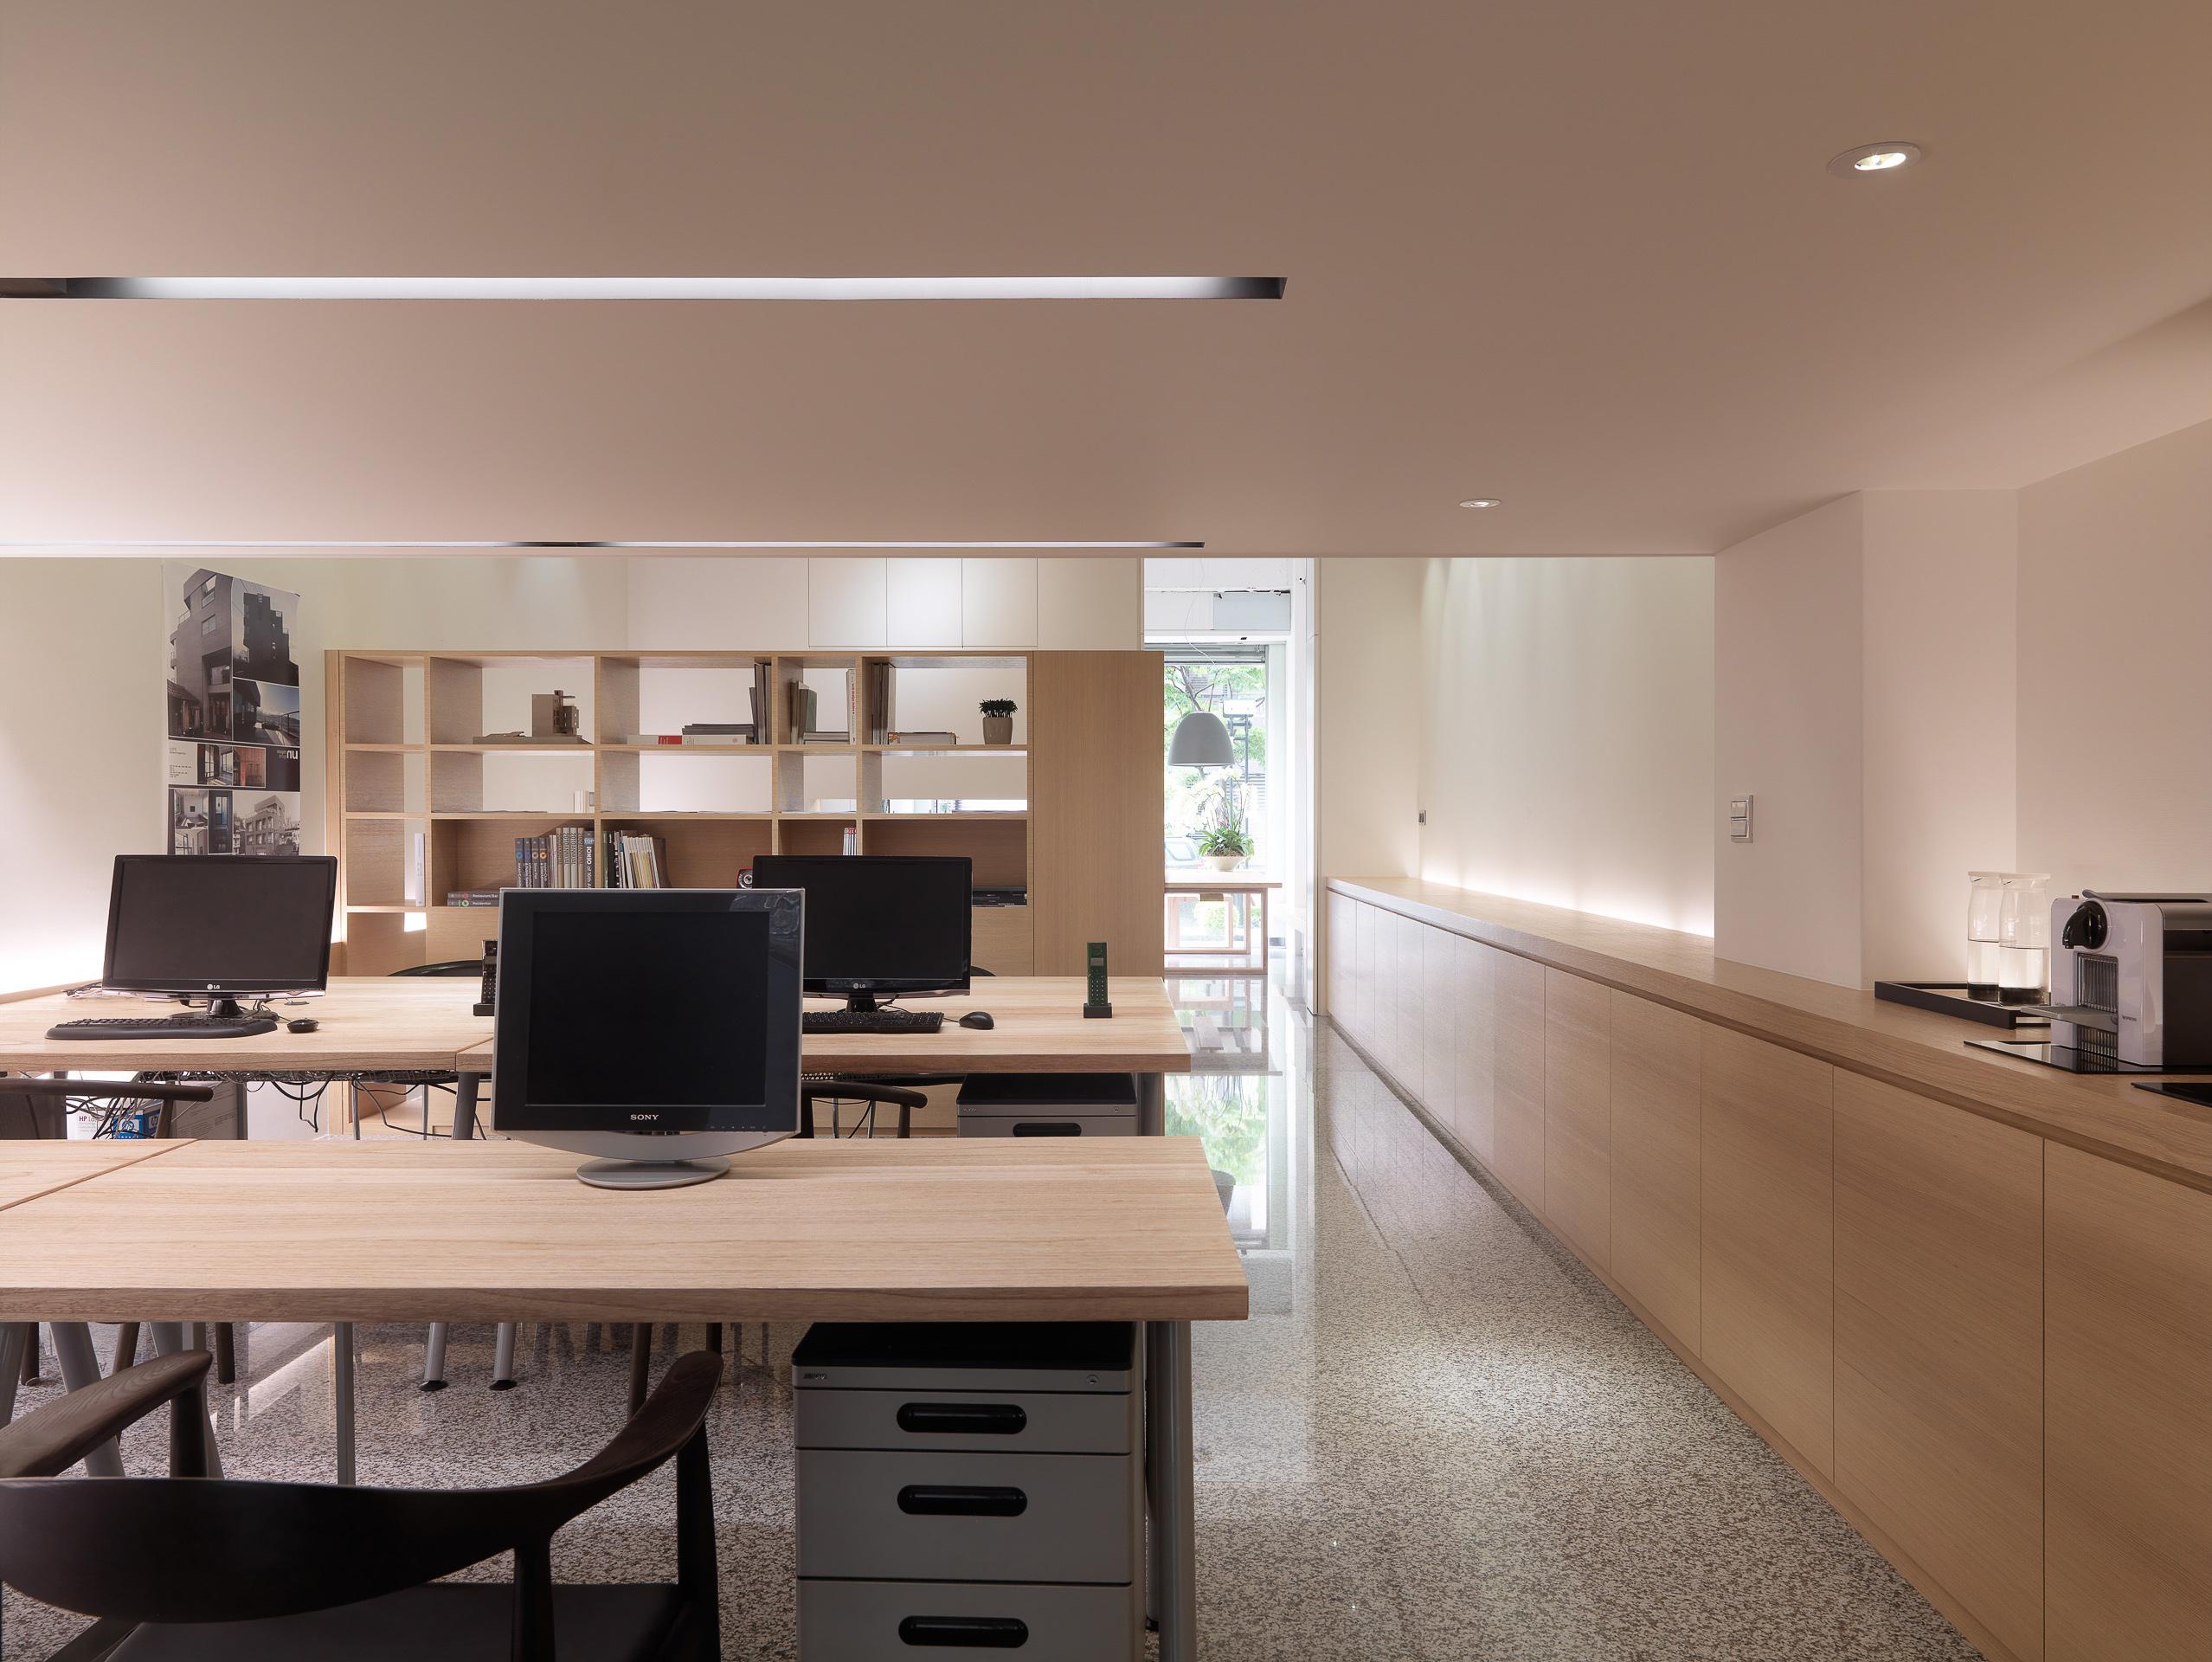 商空設計-大雄設計辦公室/敬業一路-辦公室